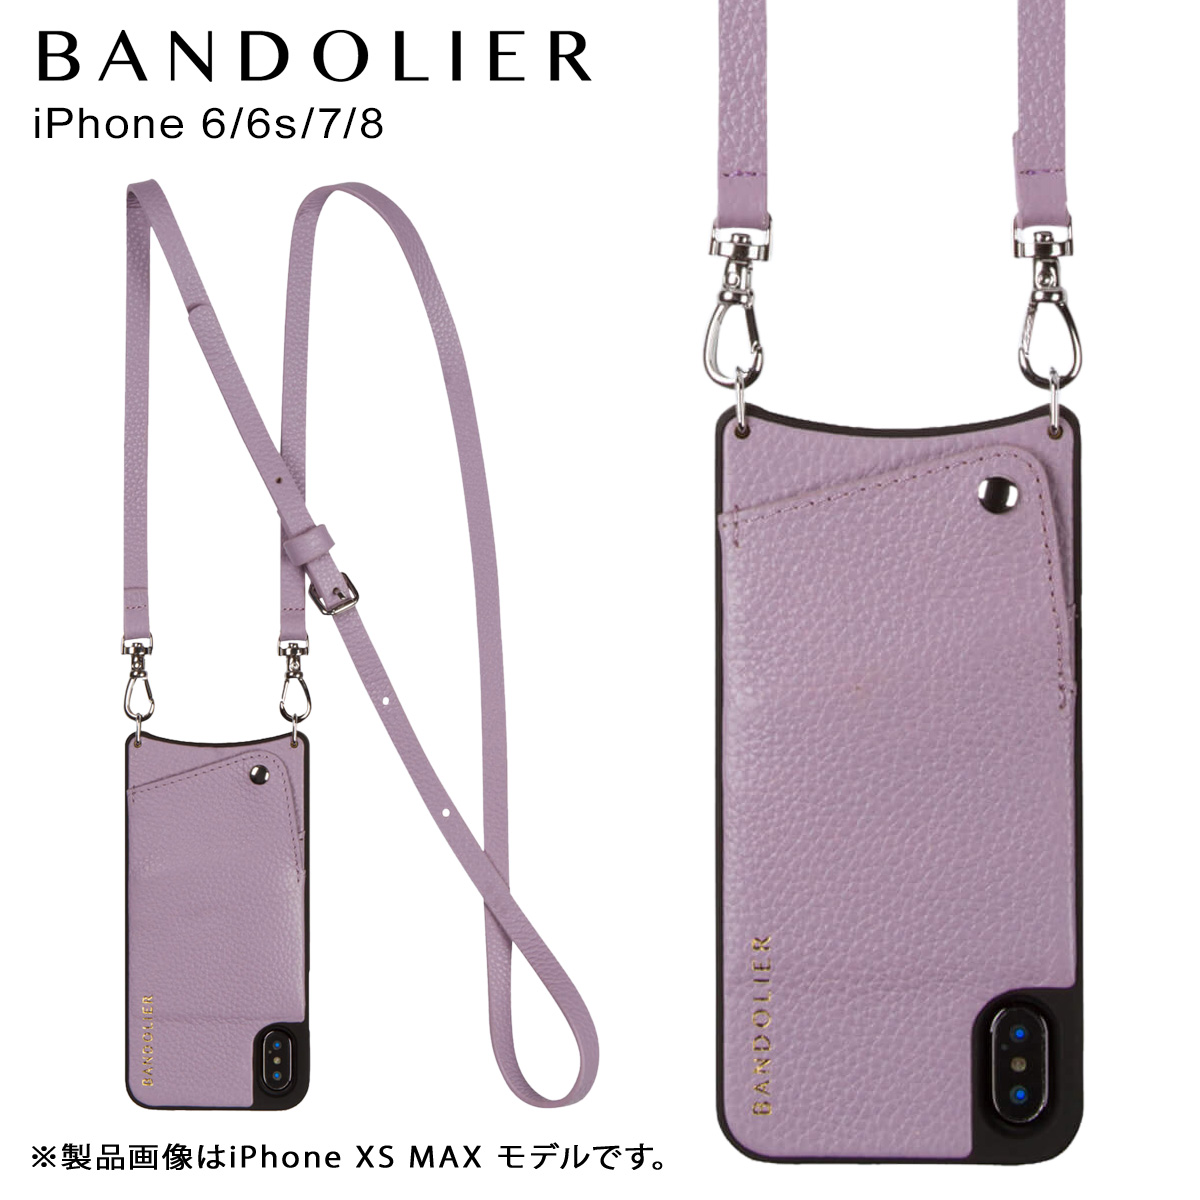 バンドリヤー BANDOLIER iPhone 6 6s 7 8 ケース ショルダー スマホ アイフォン レザー EMMA LILAC メンズ レディース ライラック 10EMM1001 [4/18 再入荷]